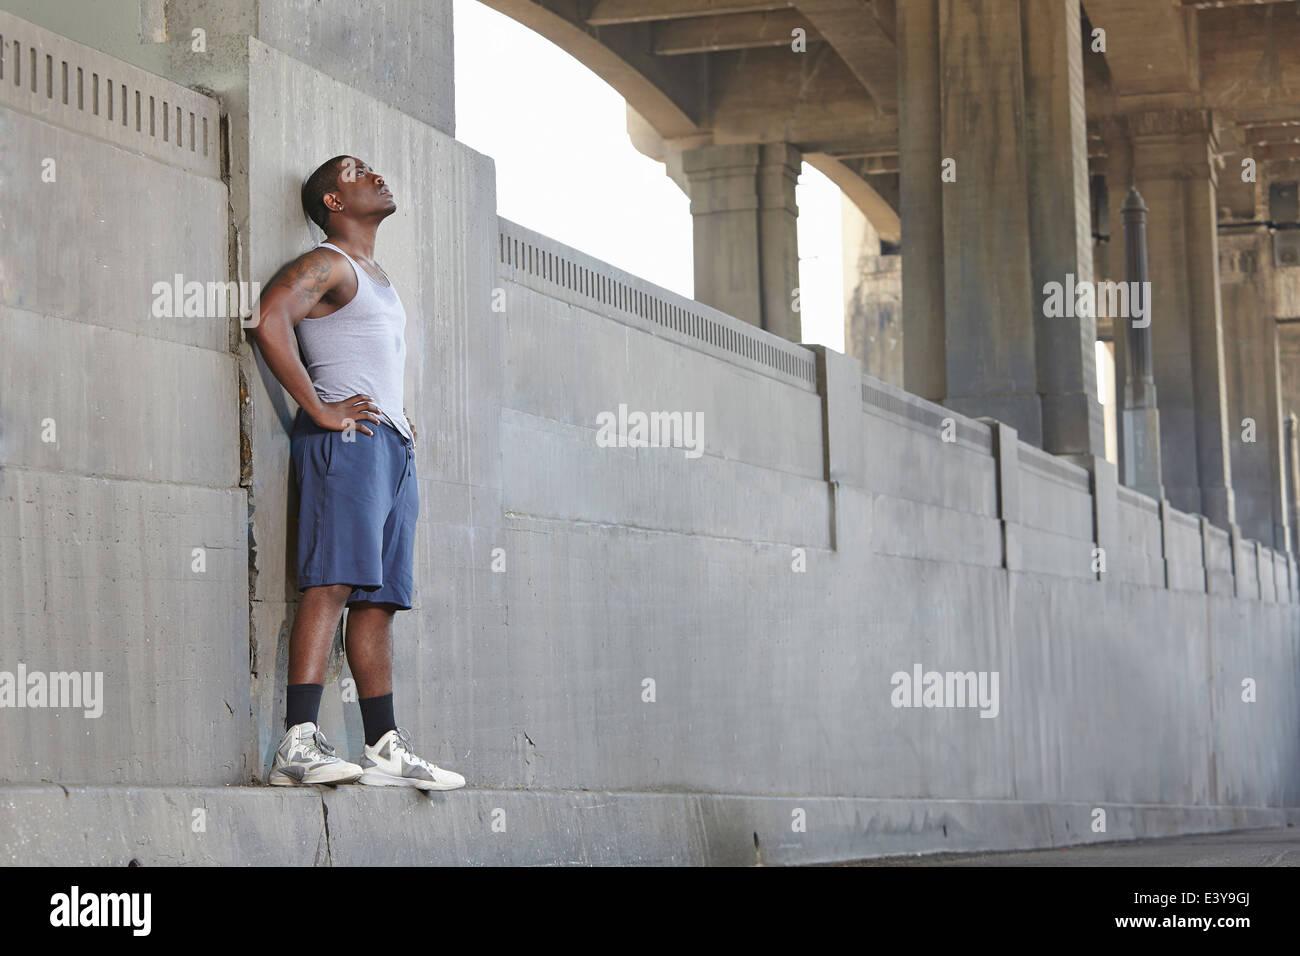 Agotado macho joven corredor inclinada contra el puente de la ciudad Imagen De Stock